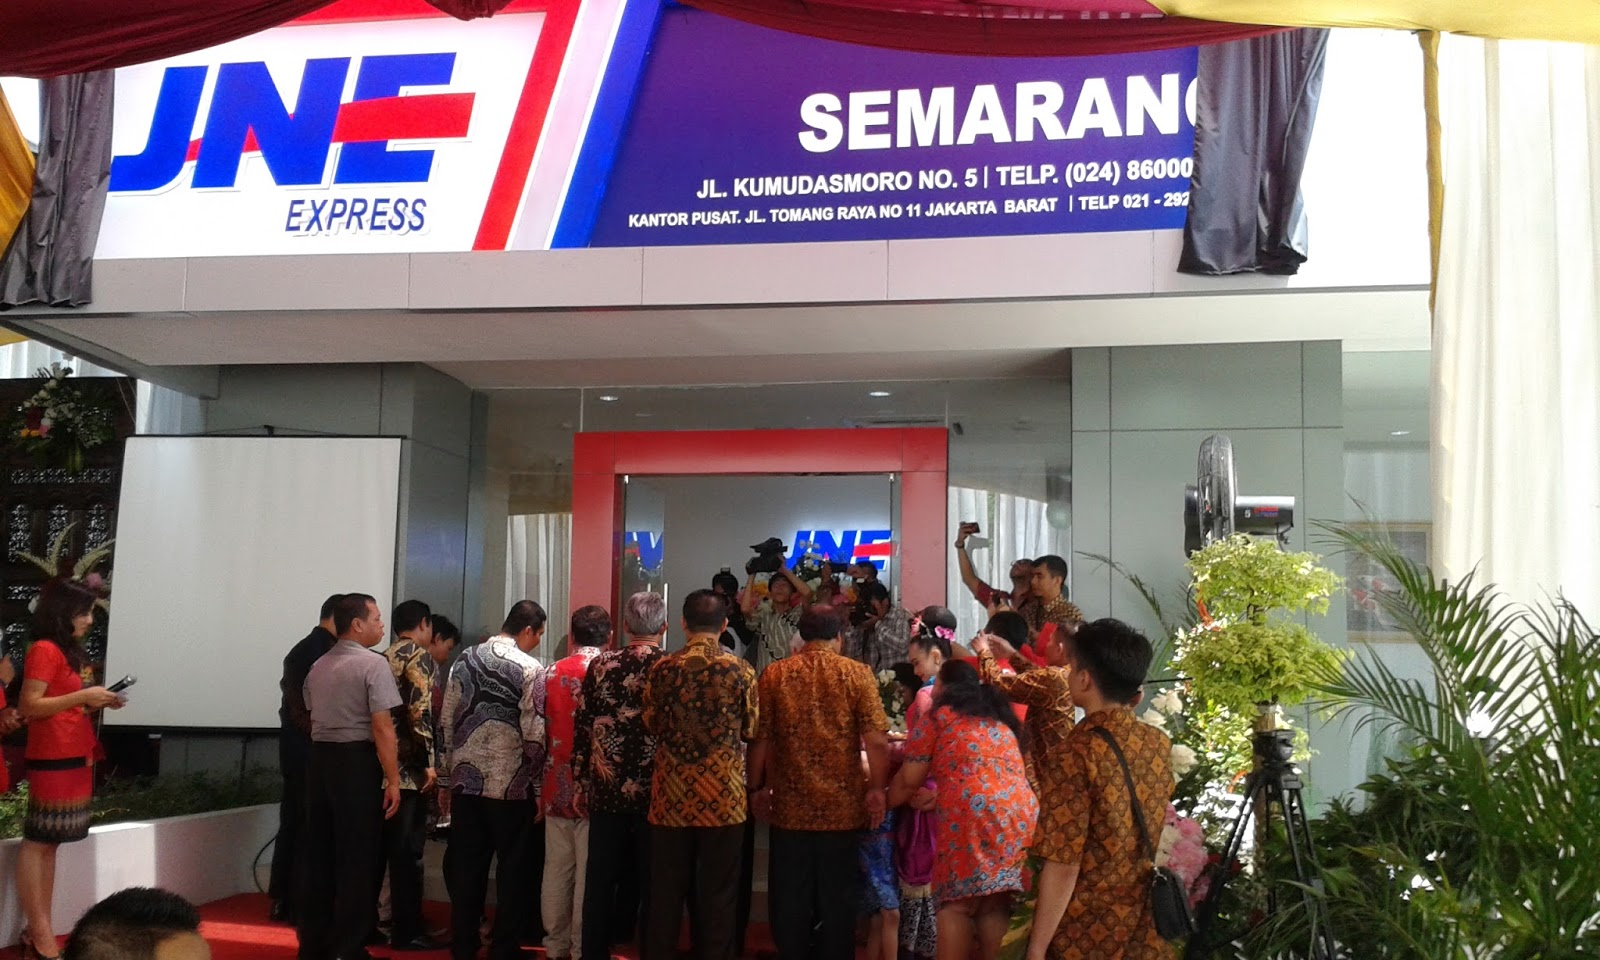 Mom Copywriter Jne Semarang Siapkan Public Space Buat Ukm Dan Komunitas Di Gedung Baru